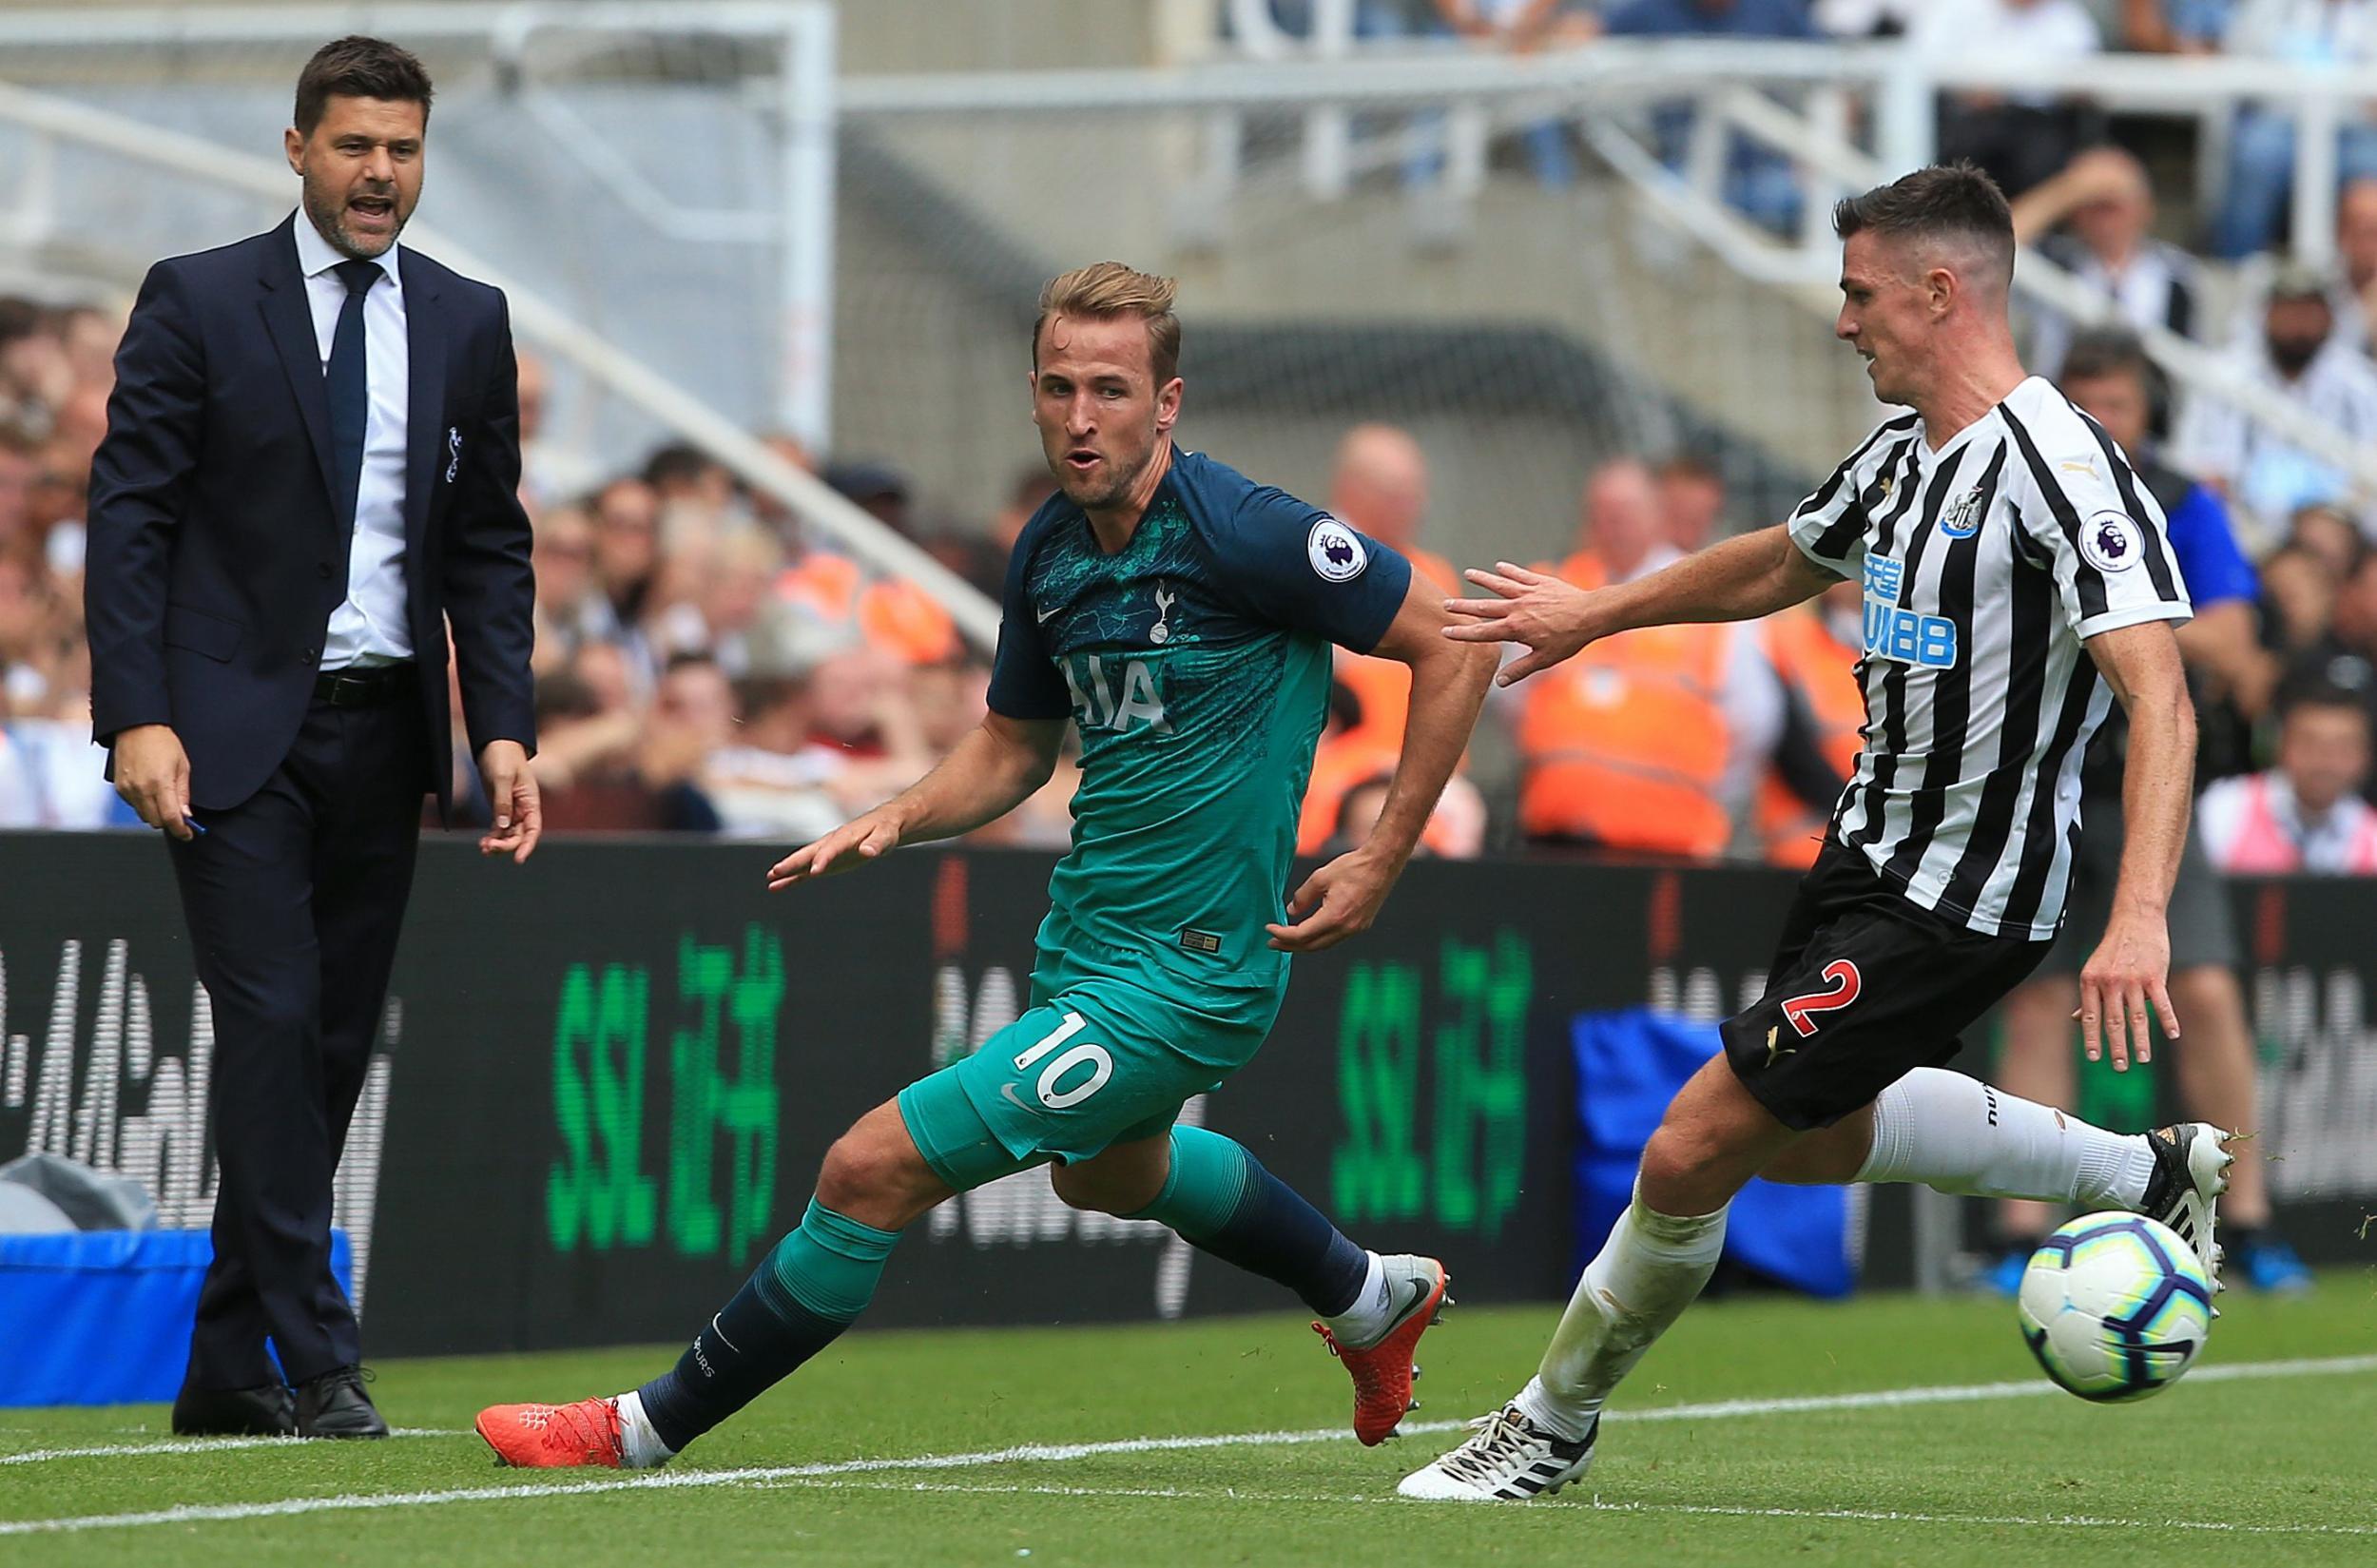 Tottenham-vs-Newcastle-Ga-trong-gay-vang-22h30-ngay-25-8-Giai-ngoai-hang-Anh-Premier-League-2